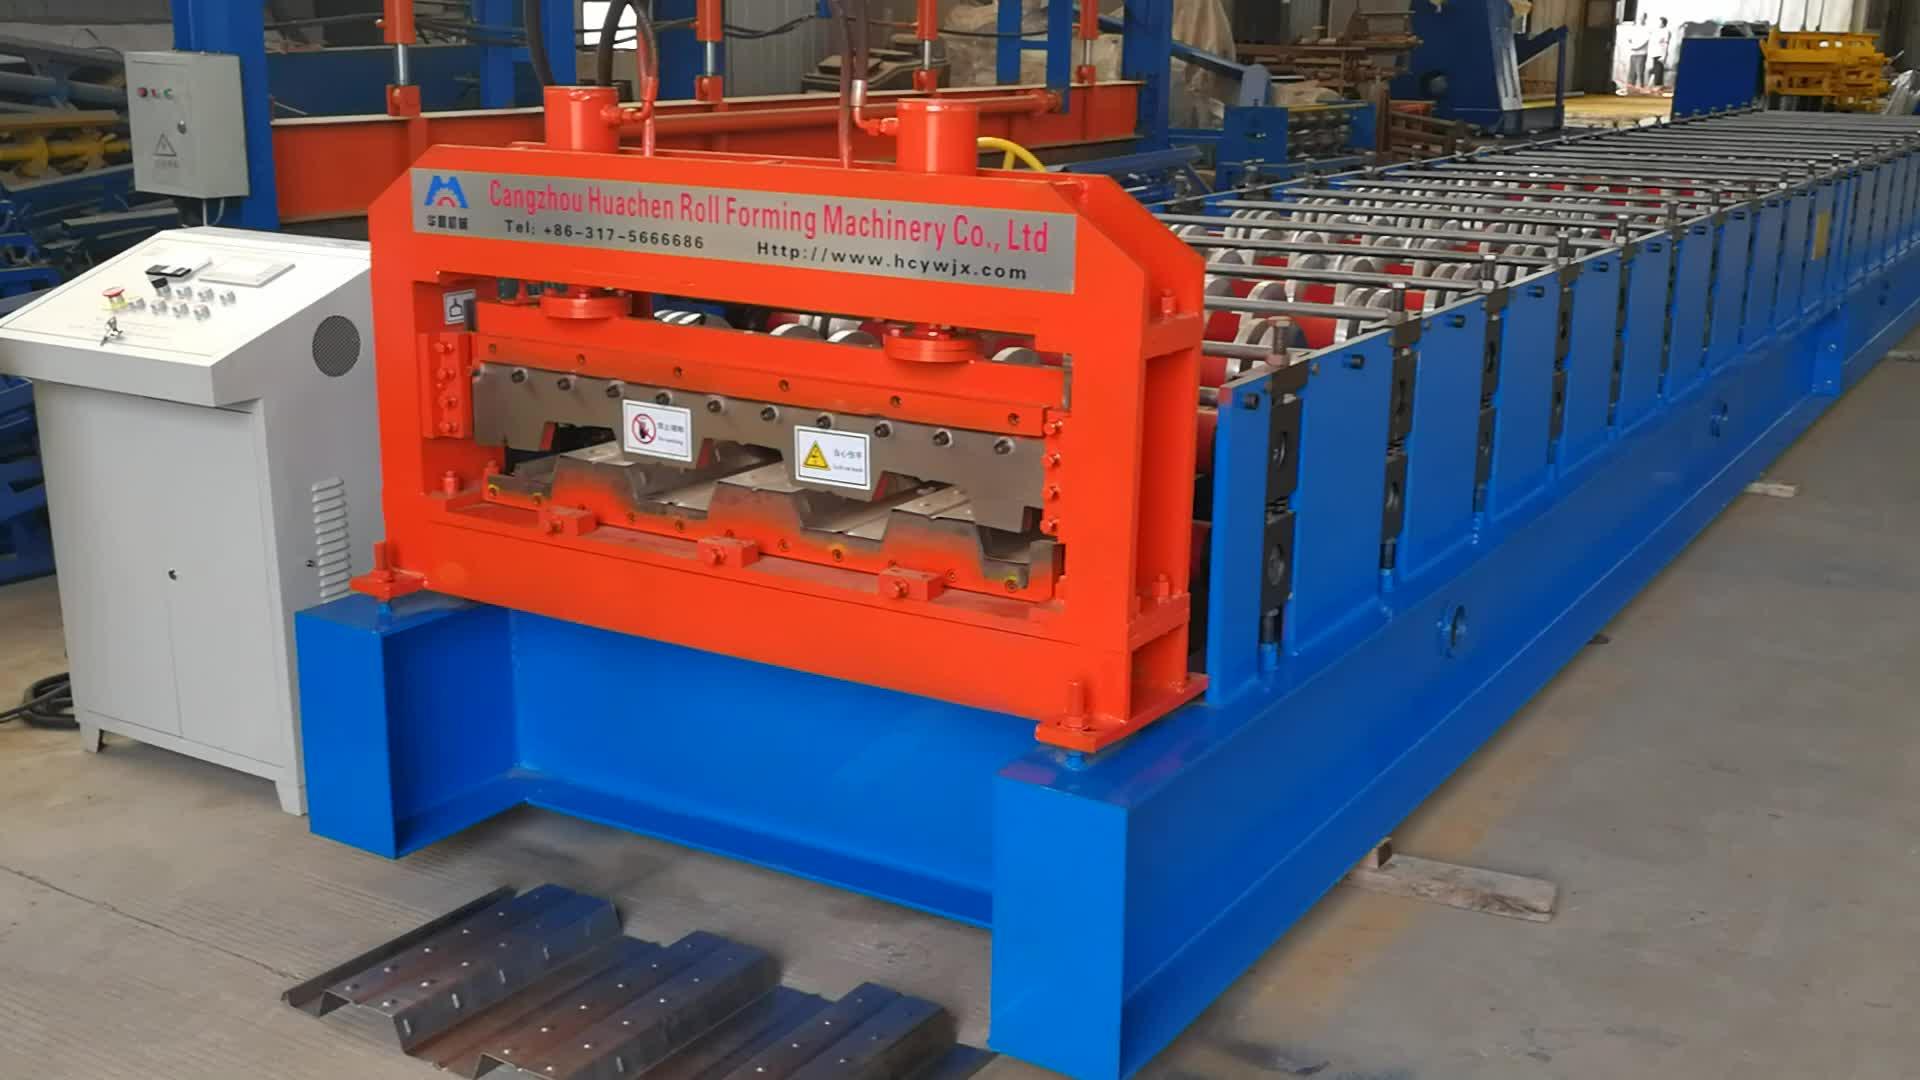 สูงซี่โครงชั้นแผ่นยาว span คุณภาพสูงโครงสร้างเหล็กชั้น deck roll forming machine จากประเทศจีน